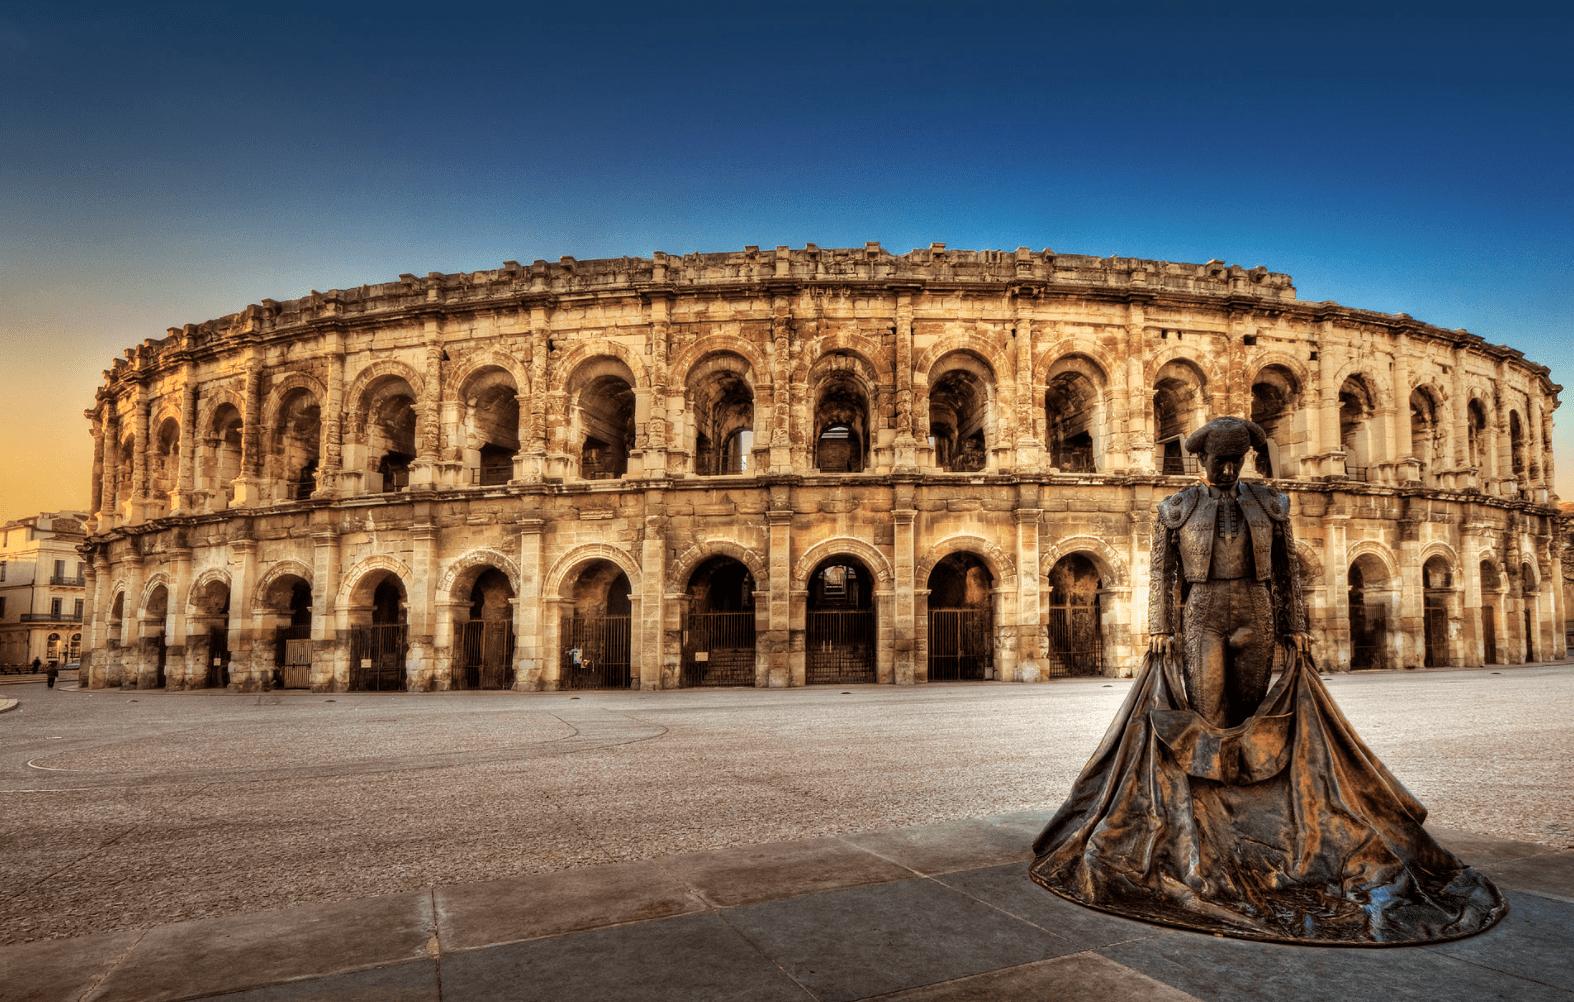 Les arènes de Nîmes : l'un des amphithéâtres romains les mieux conservés